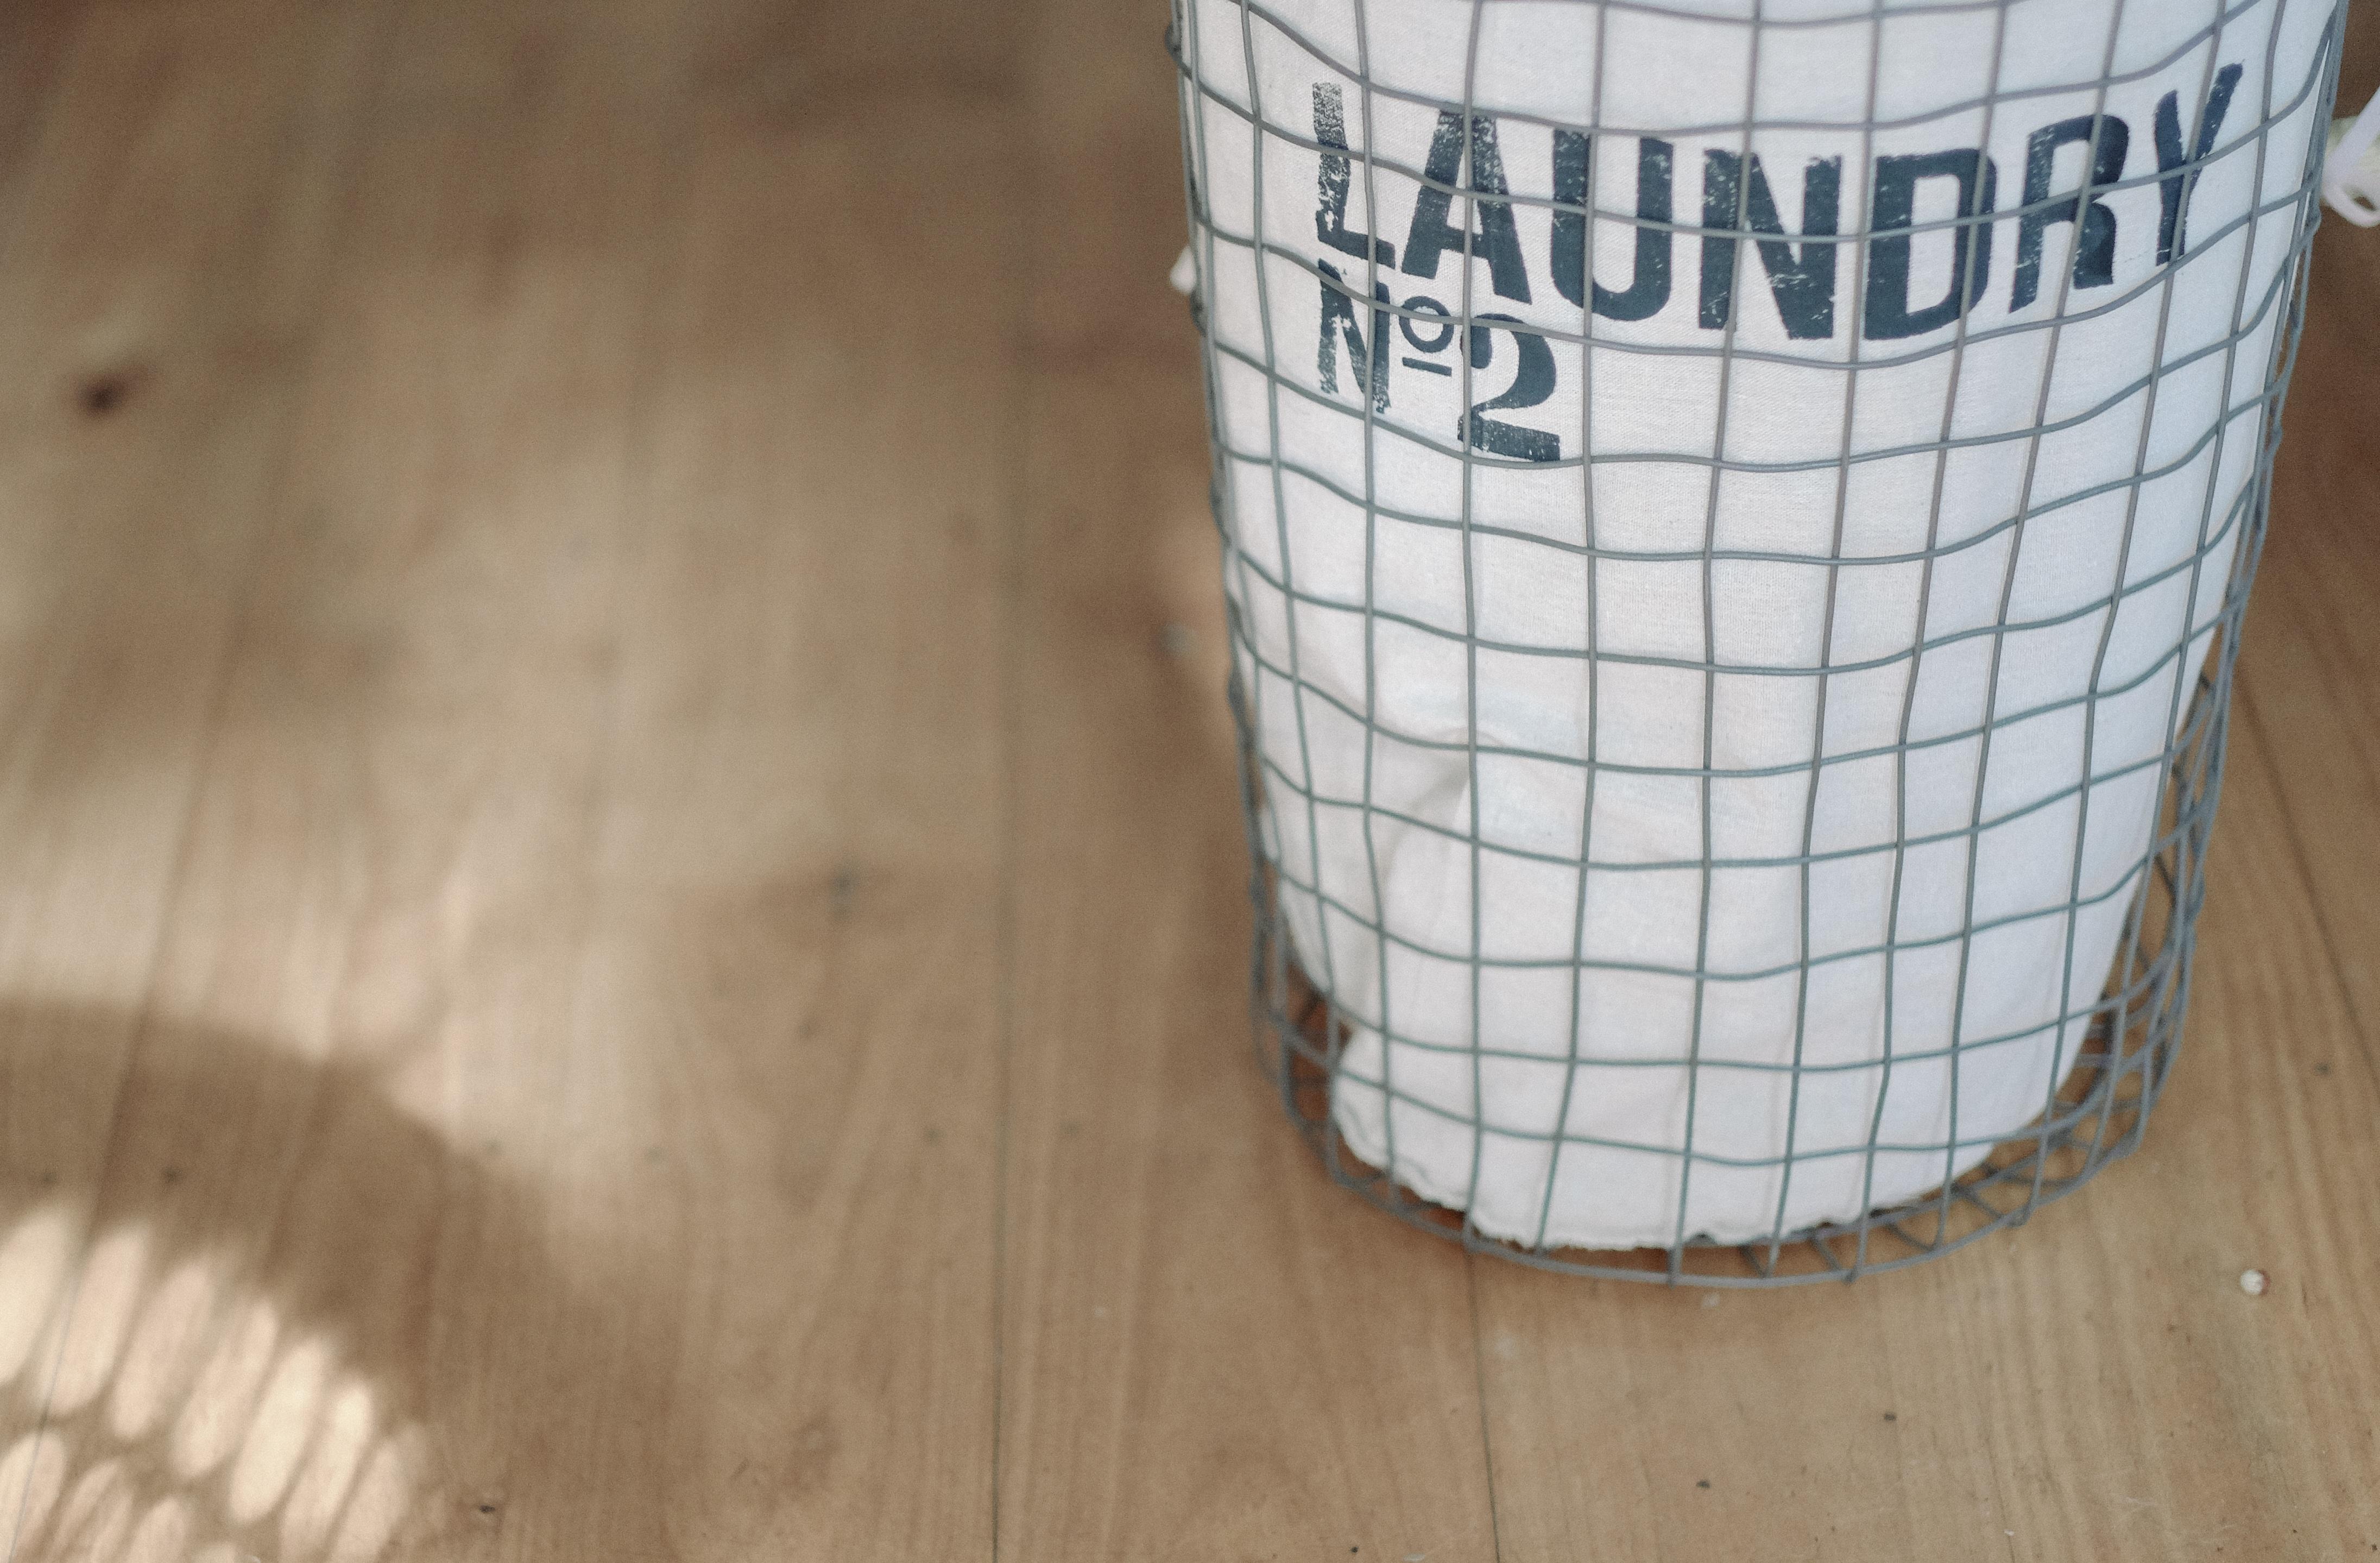 hình ảnh : Gỗ, trắng, sàn nhà, mẫu, công việc nhà, cái rổ, vật chất, giặt ủi, túi giặt, Trong nước, Hình dạng, Ván sàn, Người đàn ông làm đối tượng ...